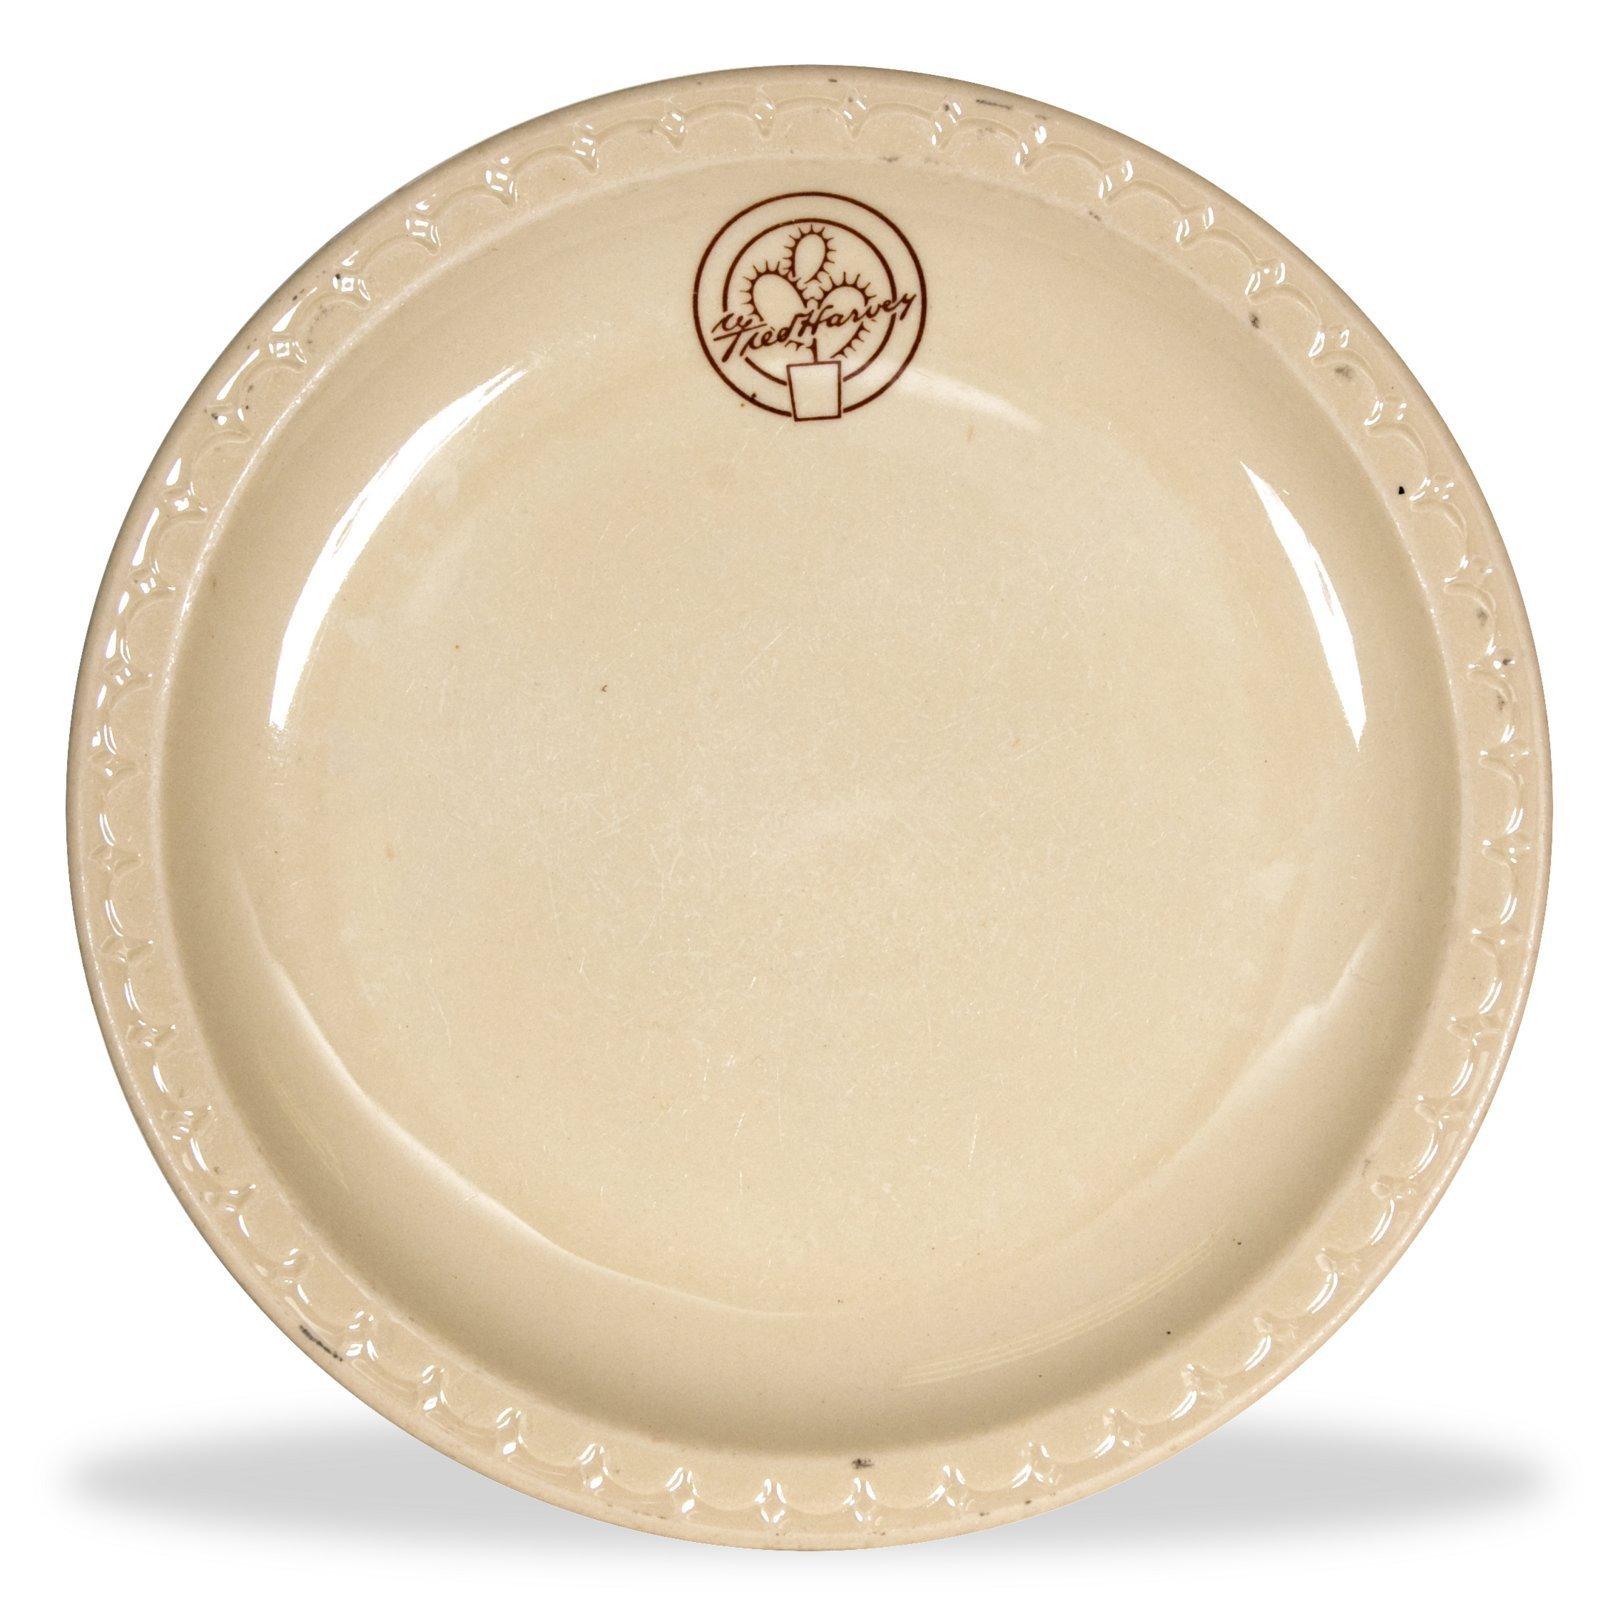 Fred Harvey dinner plate